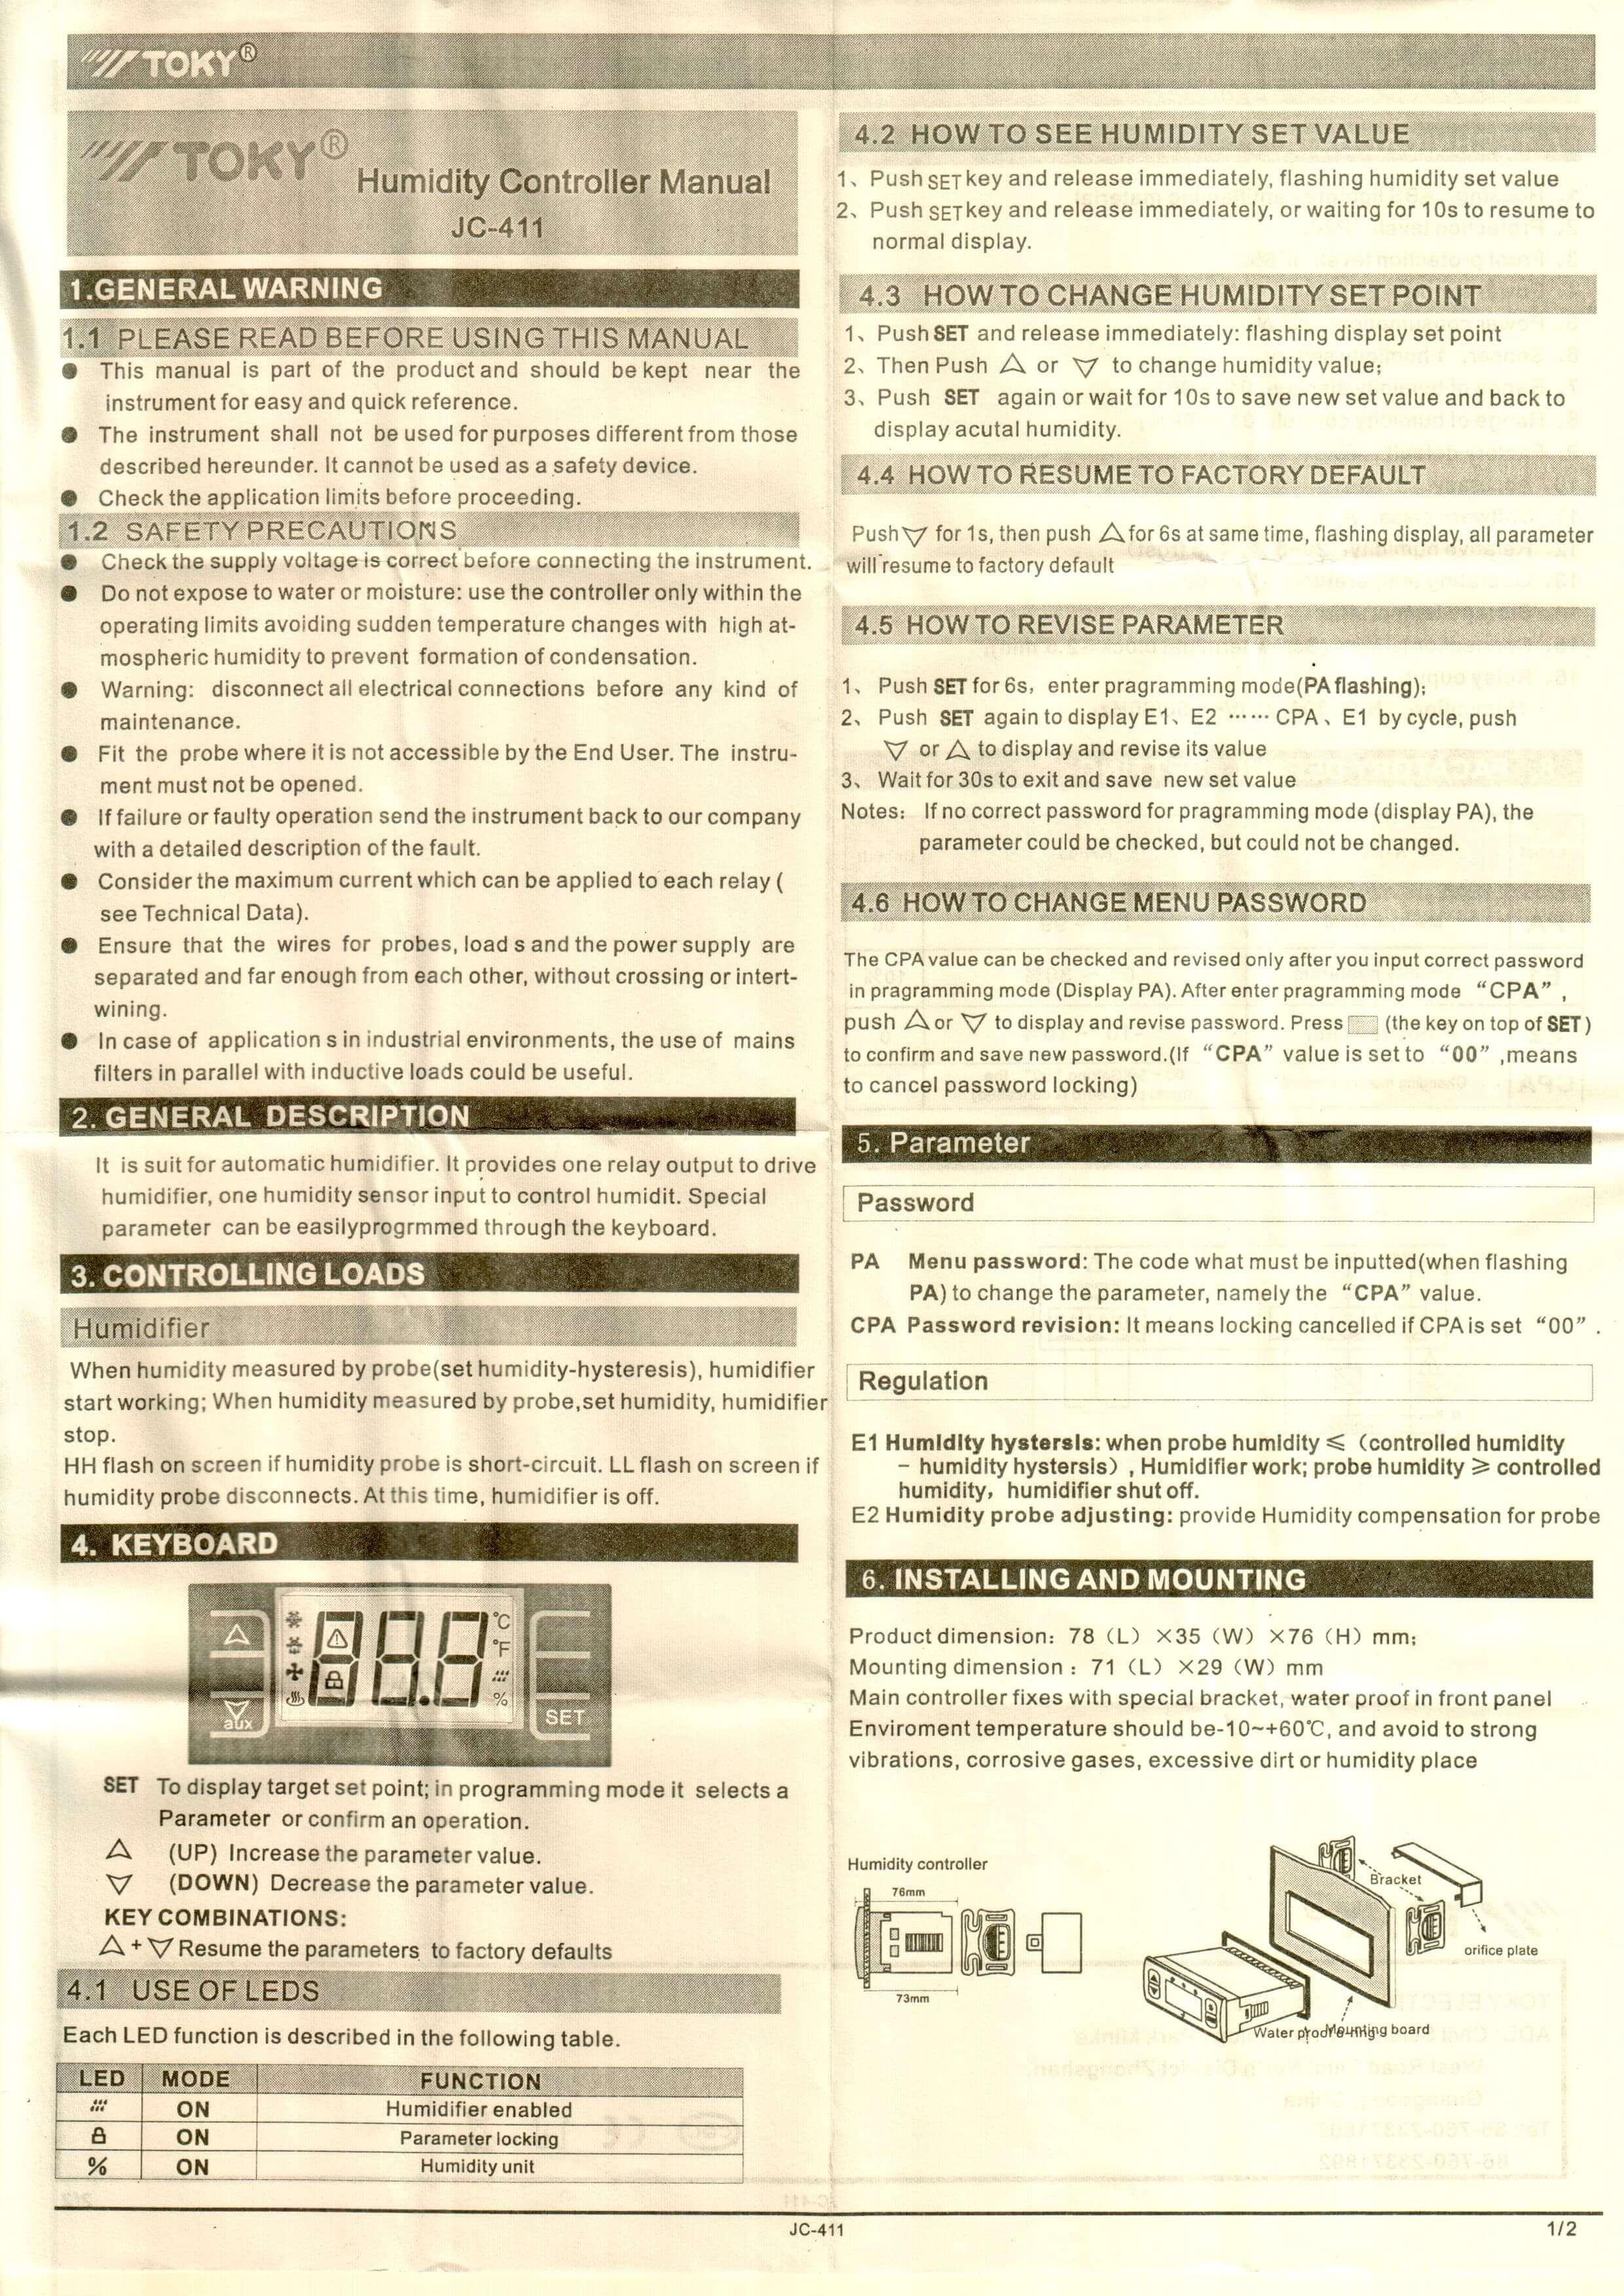 JC411 INFO 1 - کنترلر رطوبت ( رطوبت سنج ) توکی Toky مدل JC-411